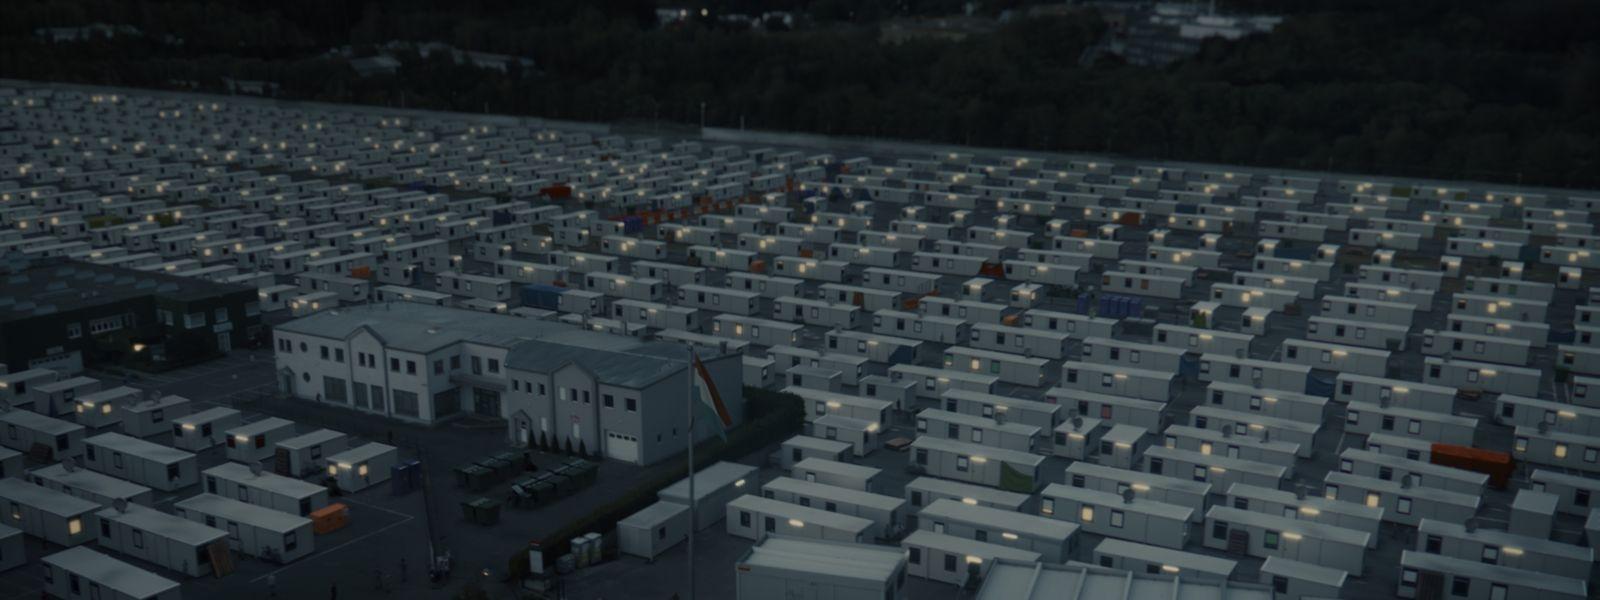 Flüchtlingscamp im benachbarten Ausland für Luxemburger, die nach einem Atomunfall in Cattenom aus ihrem verstrahlten Land fliehen mussten. Derzeit nur Fiktion, aber vielleicht einmal bittere Realität. Sind solche Szenarios durchgeplant? Ein Film stellt die Frage.